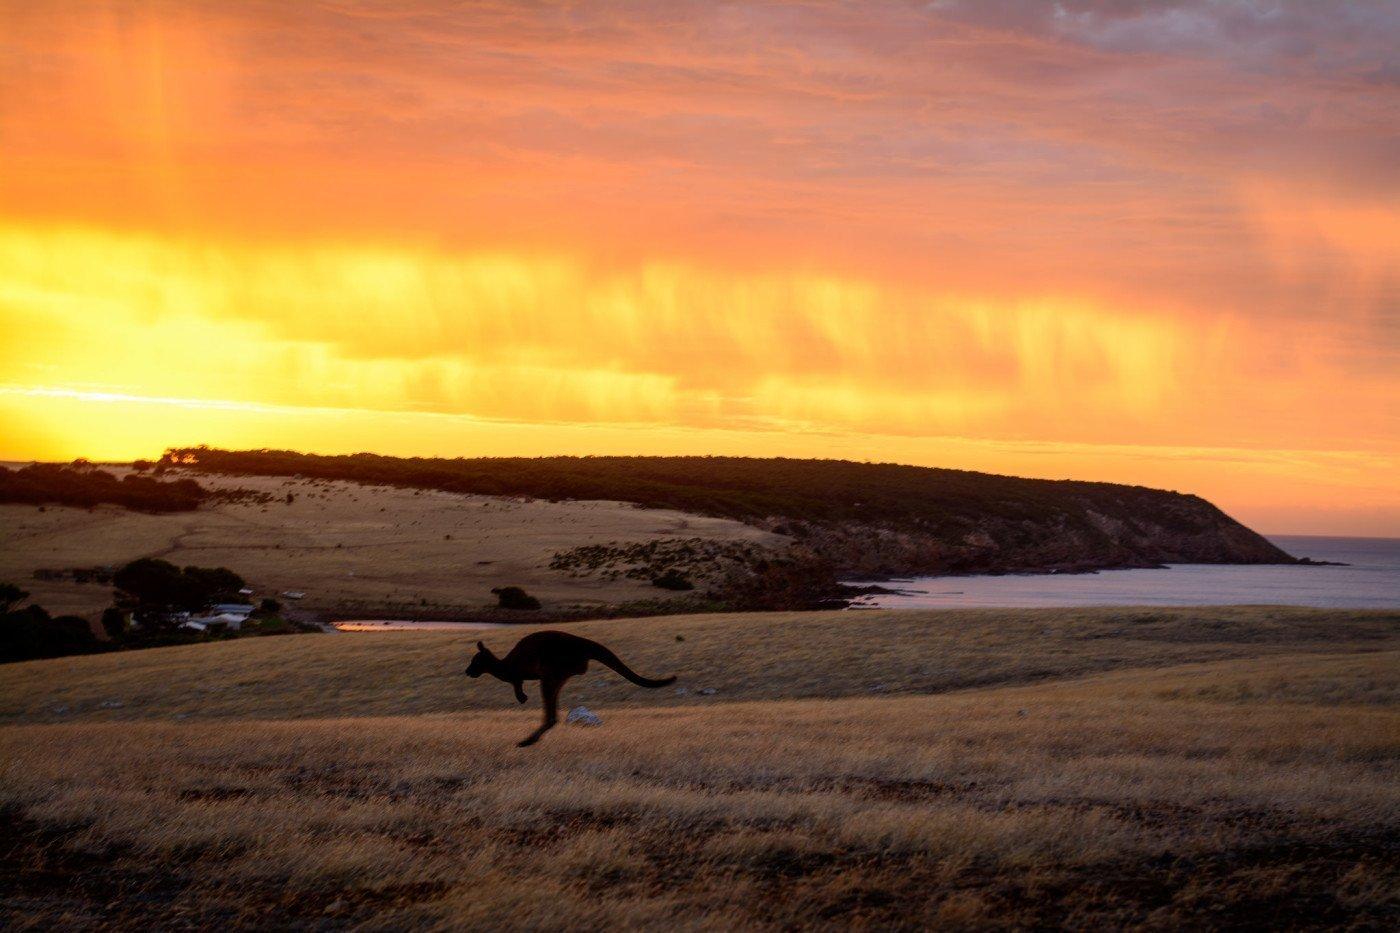 Kangaroo Island, South Australia. Photo by Matthew Fuentes via Flickr CC